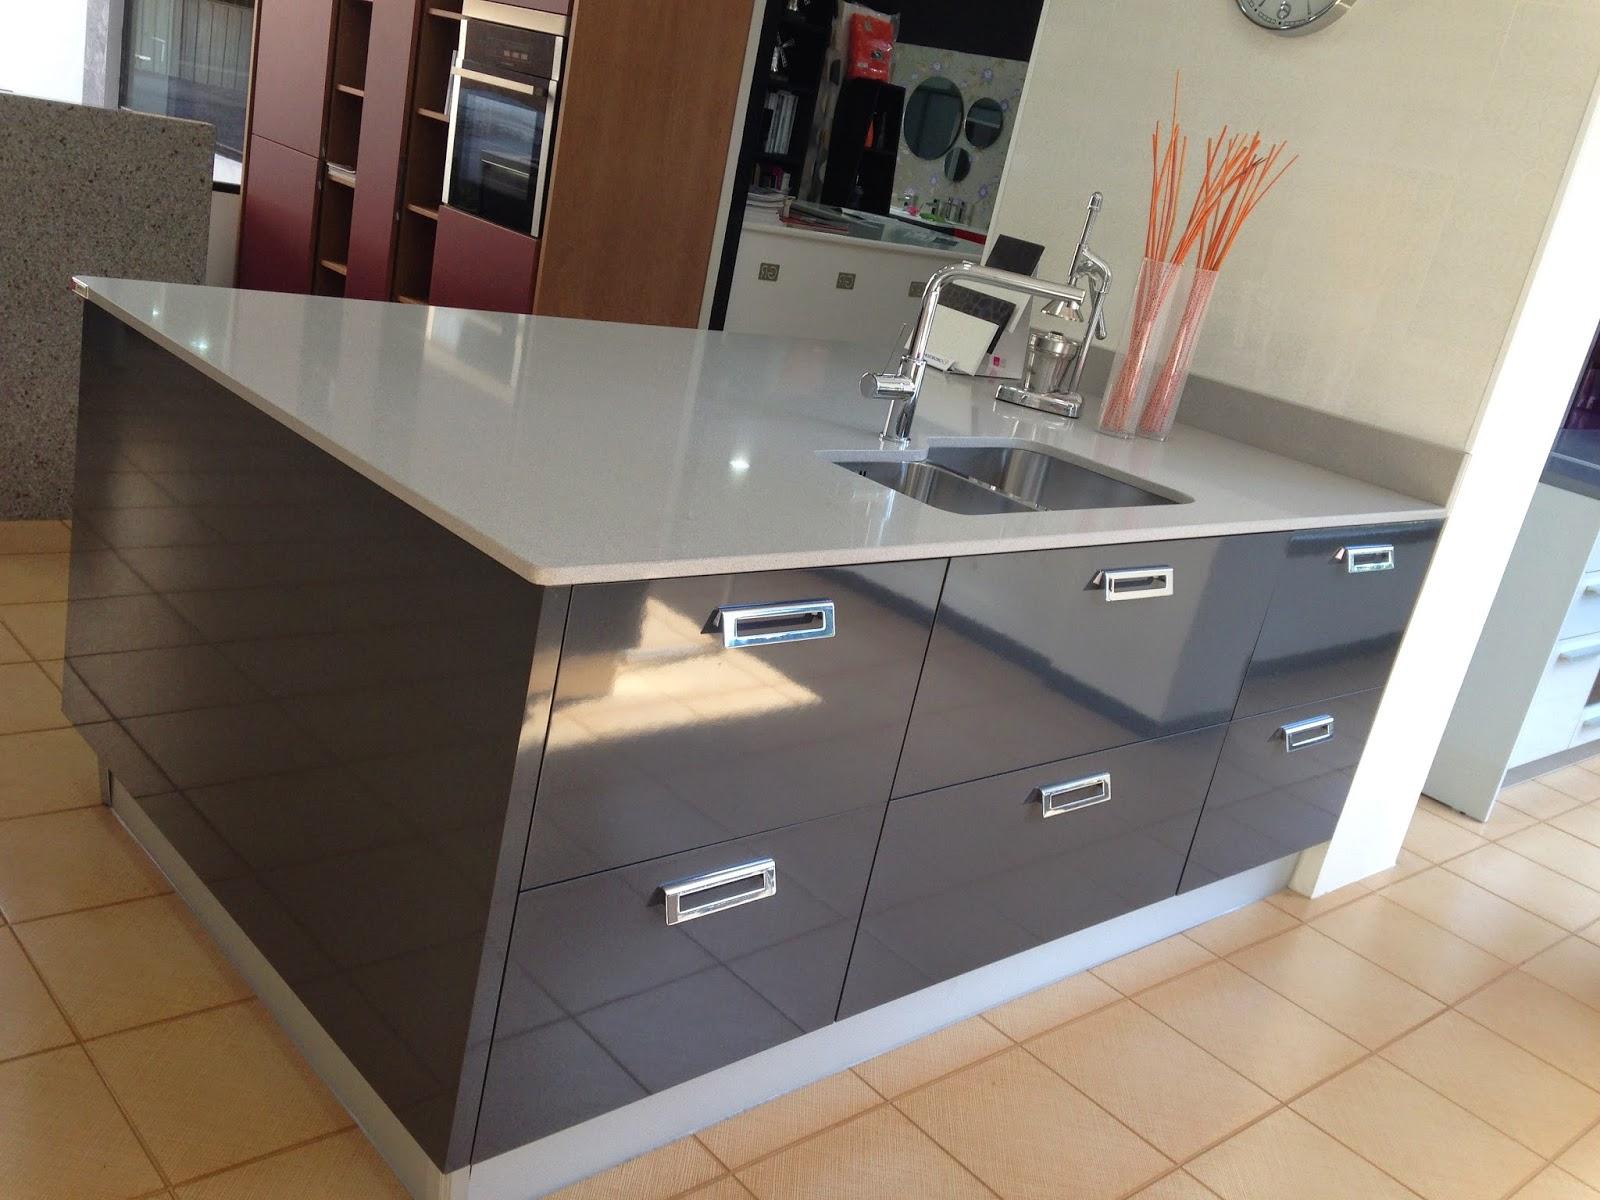 Precio Muebles De Cocina 9ddf Precios Especiales En Muebles De Cocina Por Cambio De Exposicion